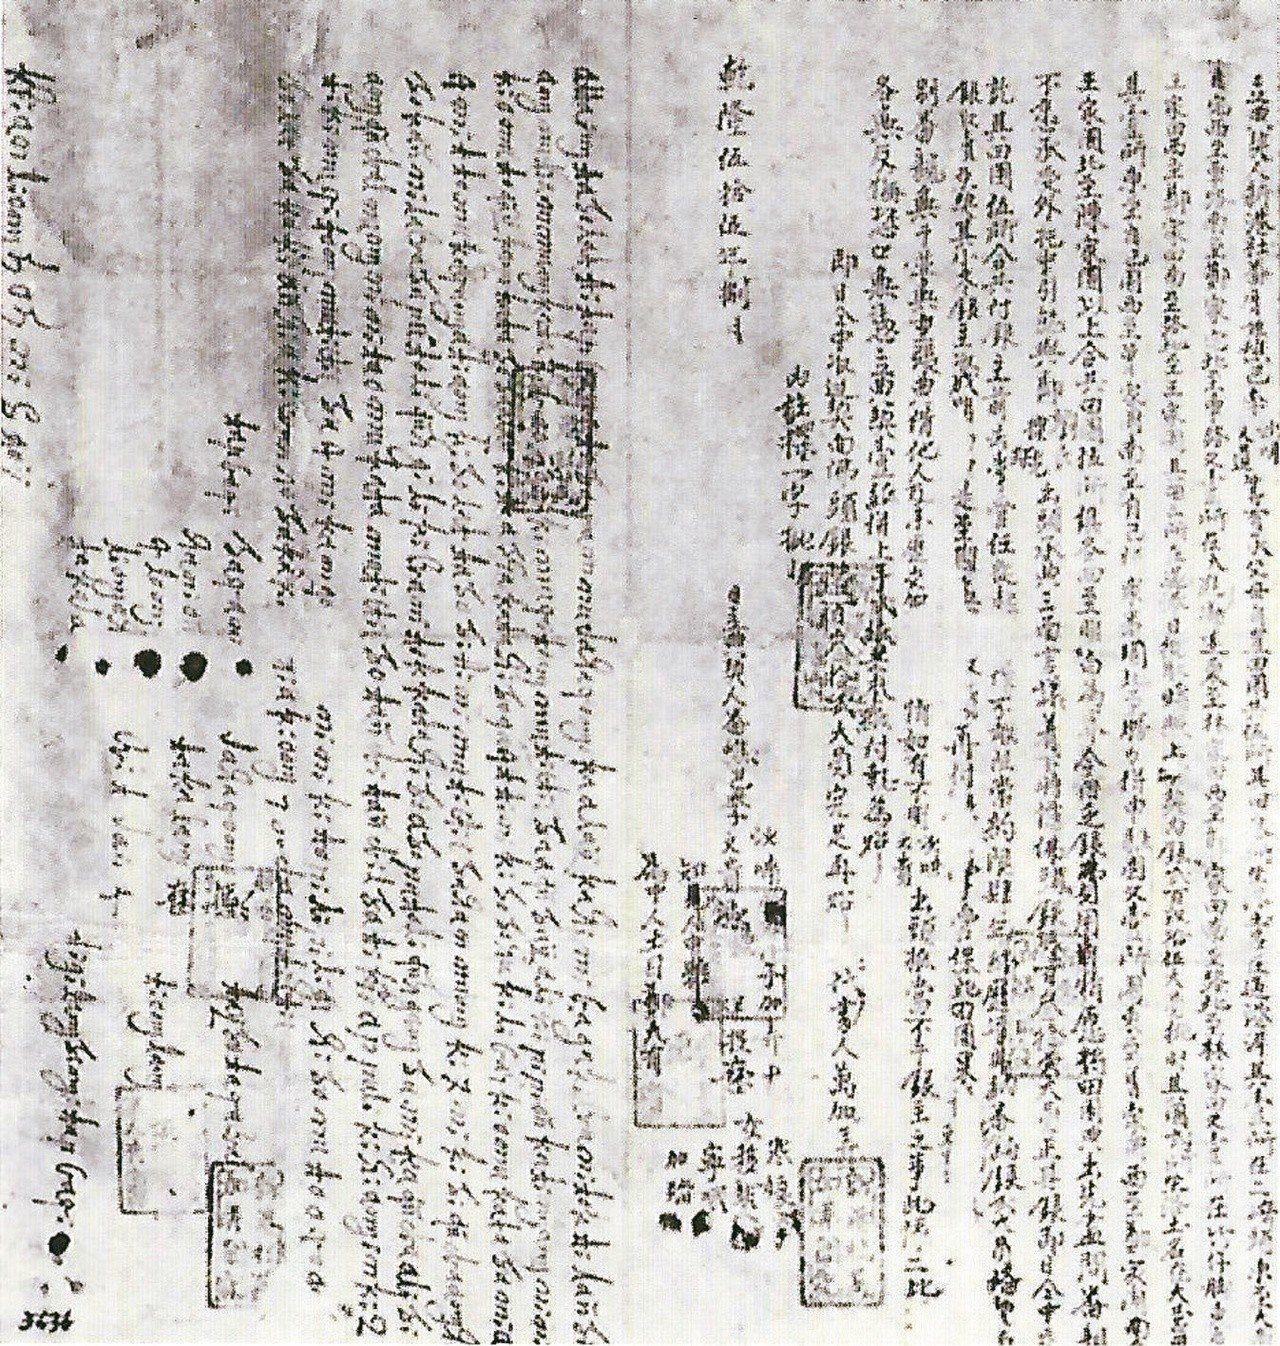 (照片出自《寫真集》,張良澤編修、戴嘉玲編譯,台北,2000年)